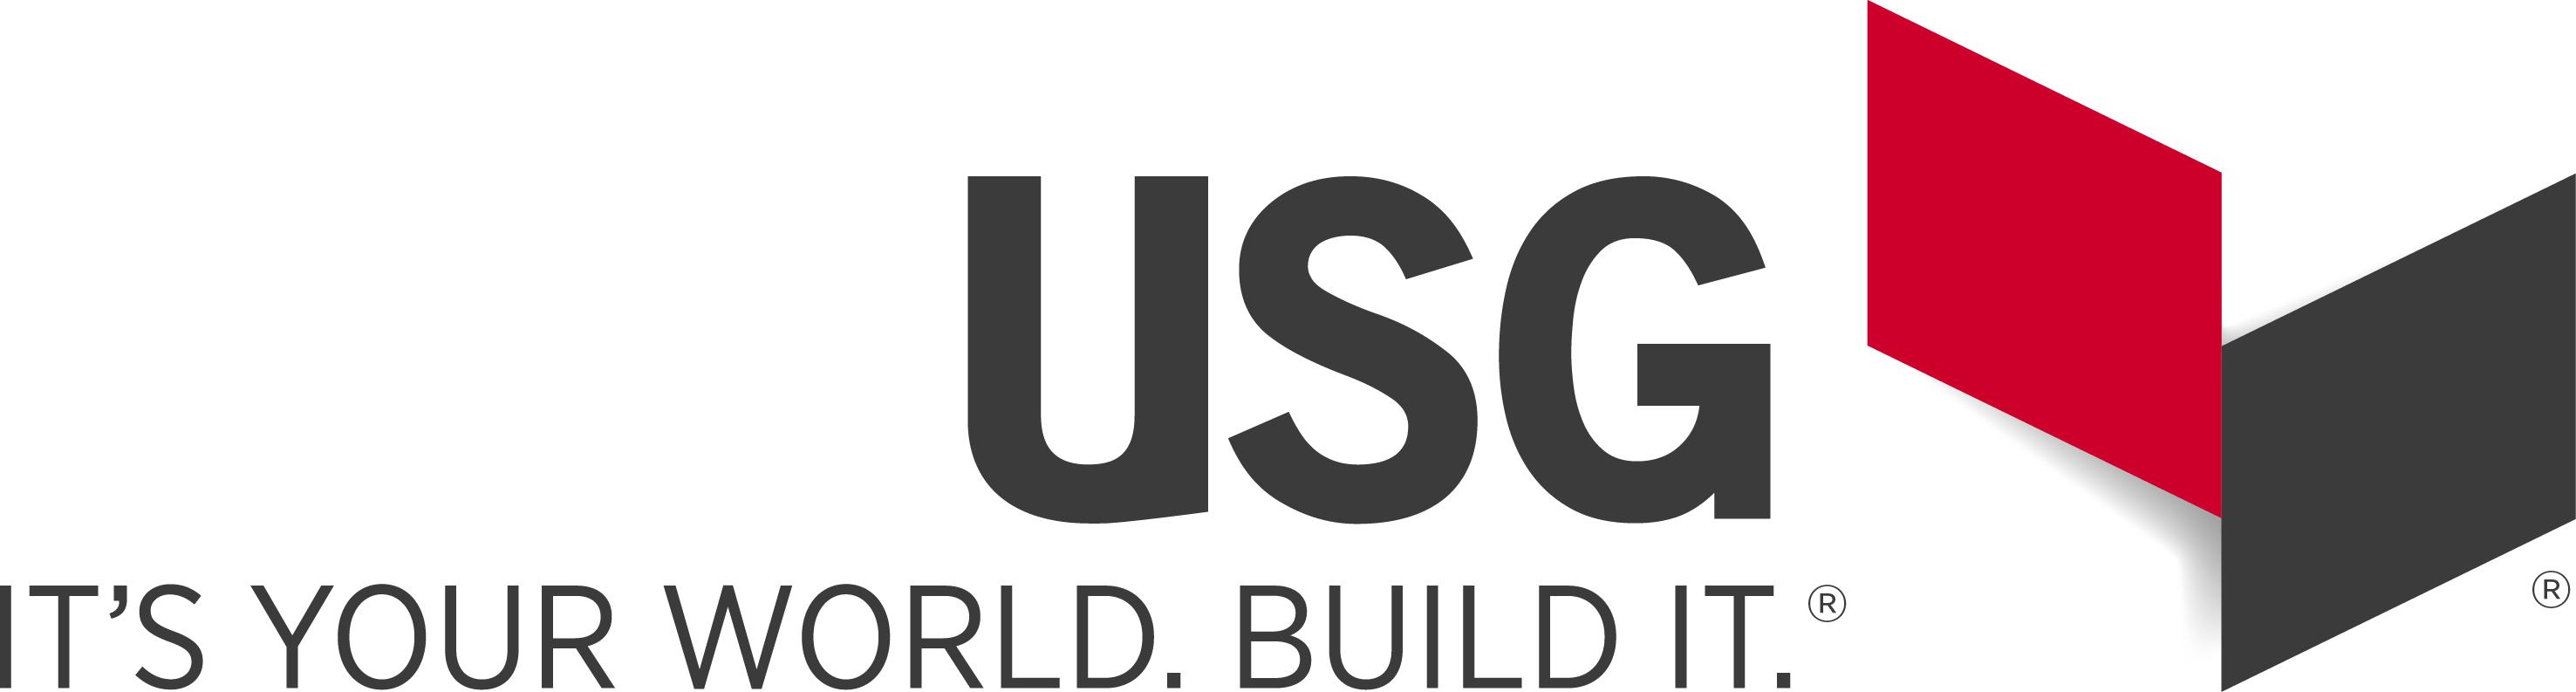 USG Corporation logo image.